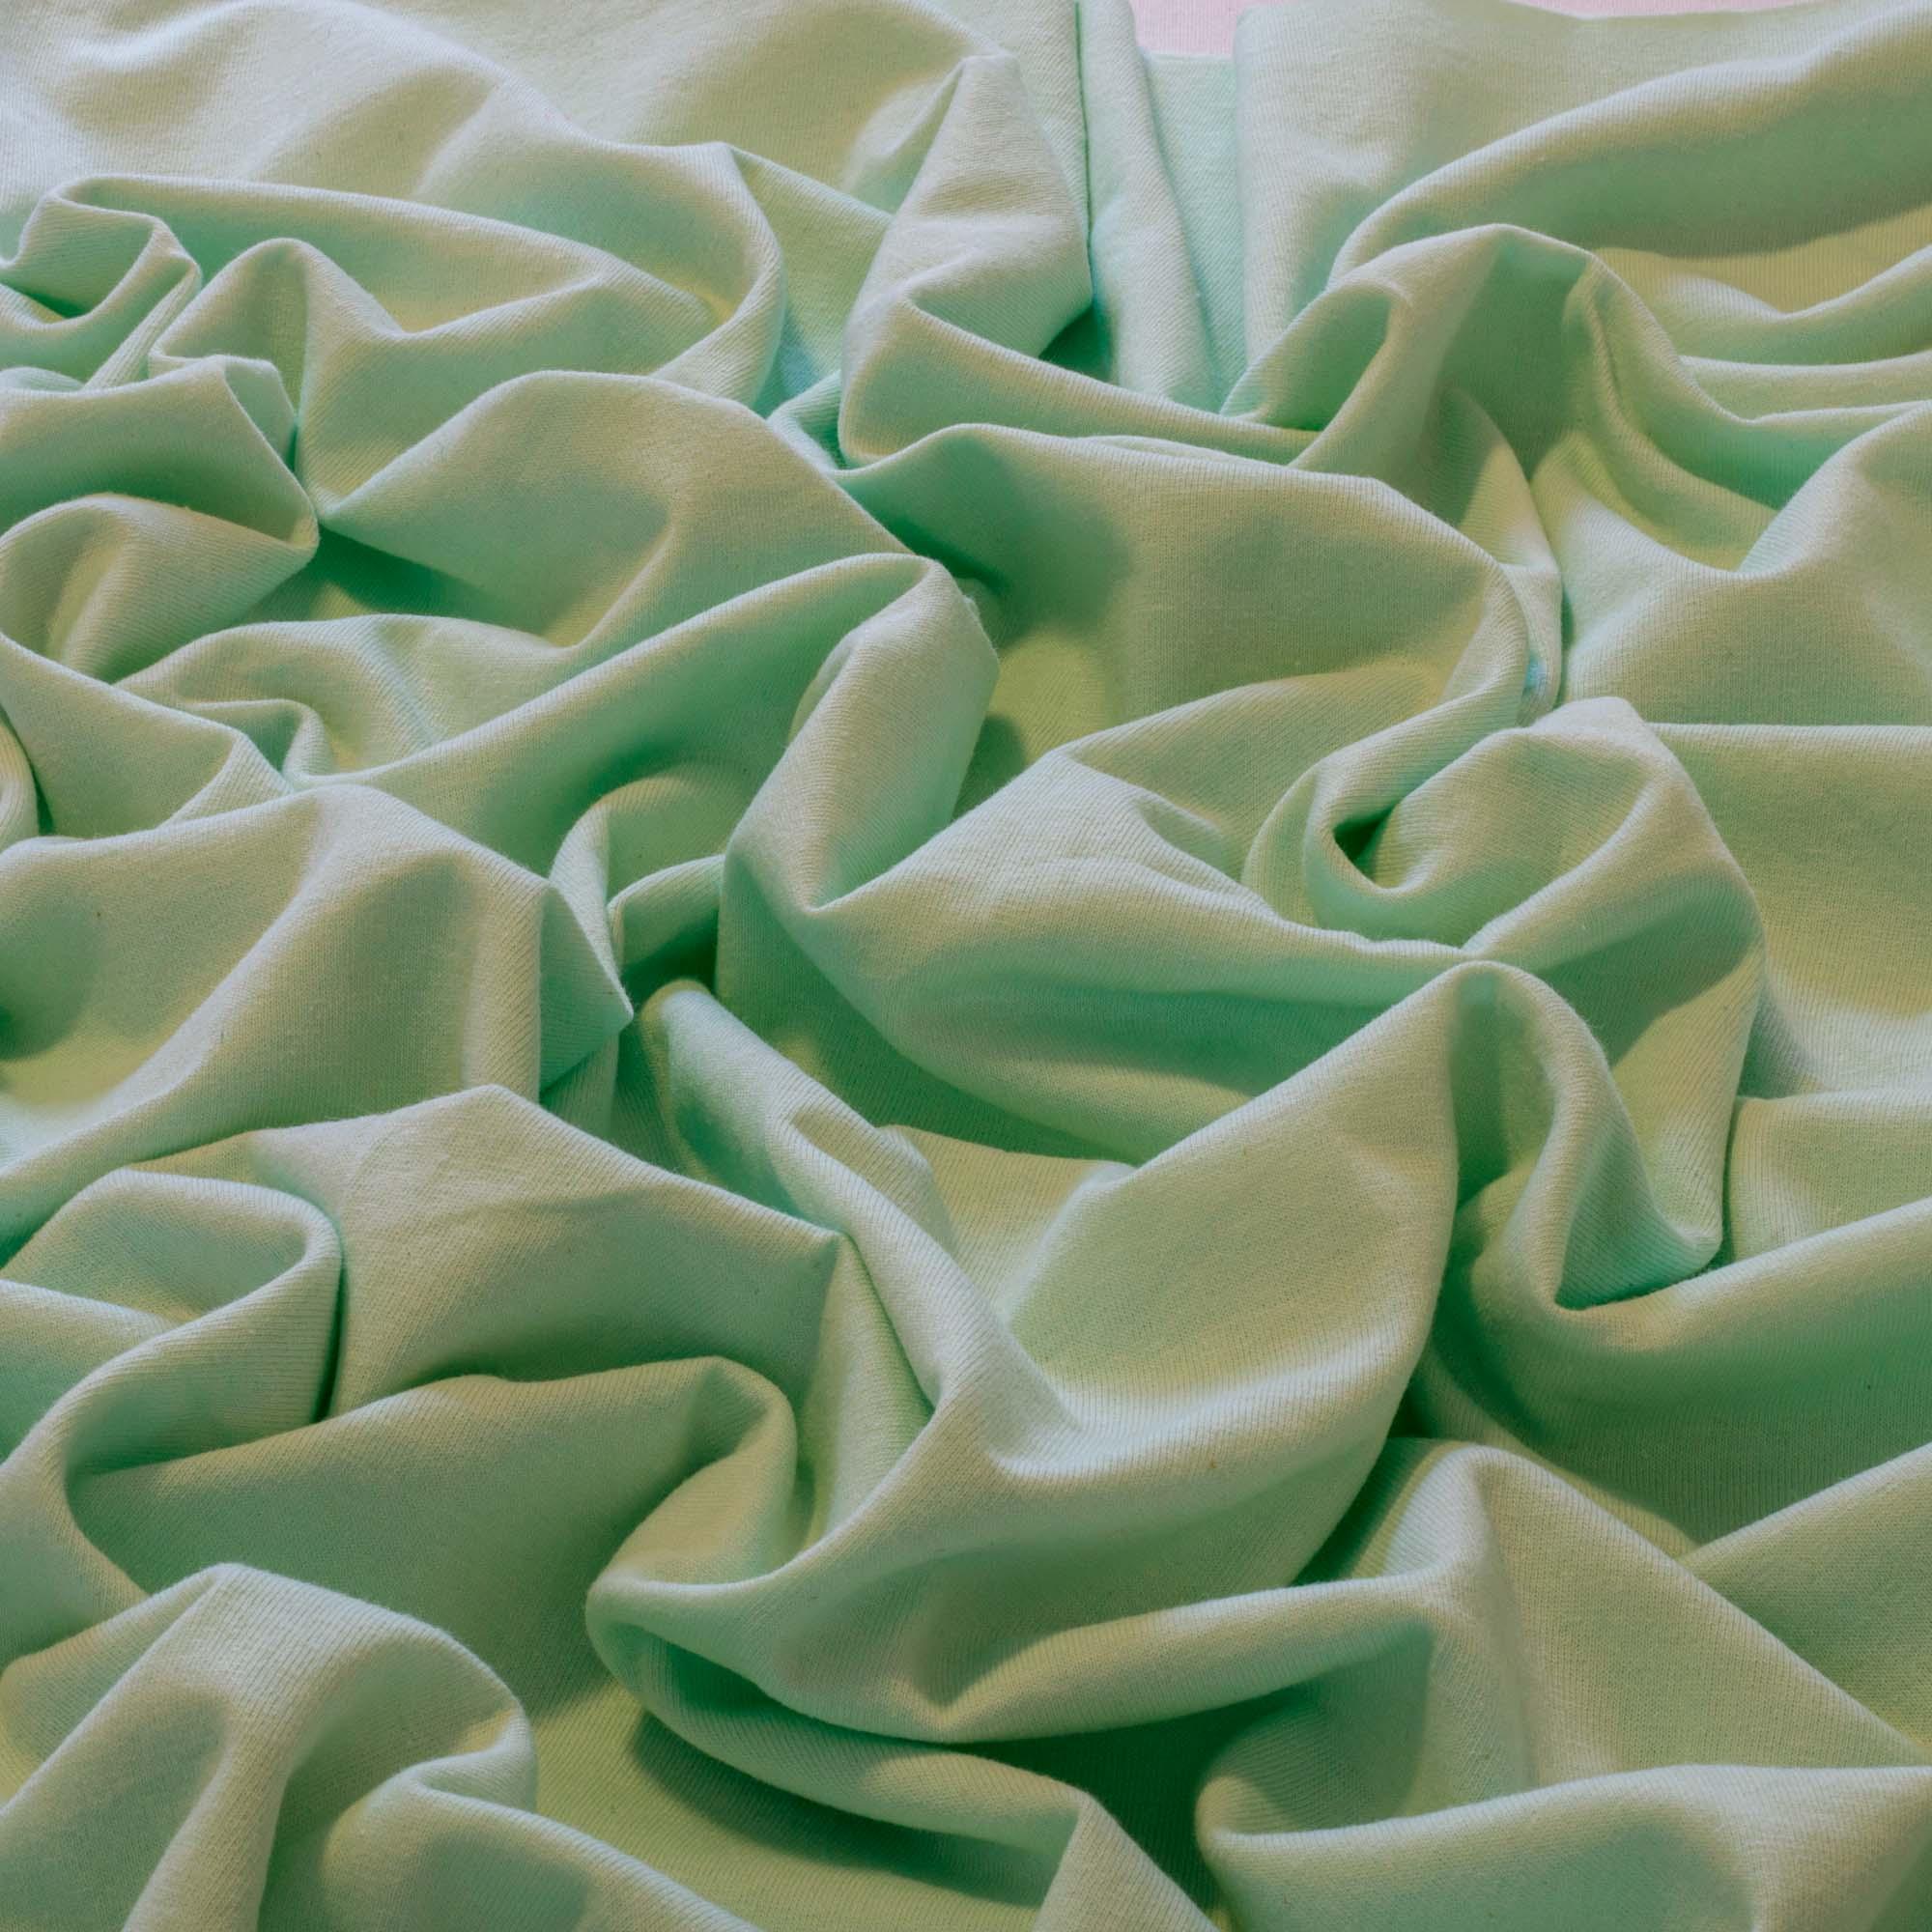 Tecido Malha de Algodão 100% Algodão 1,60 Mt Largura Verde Água